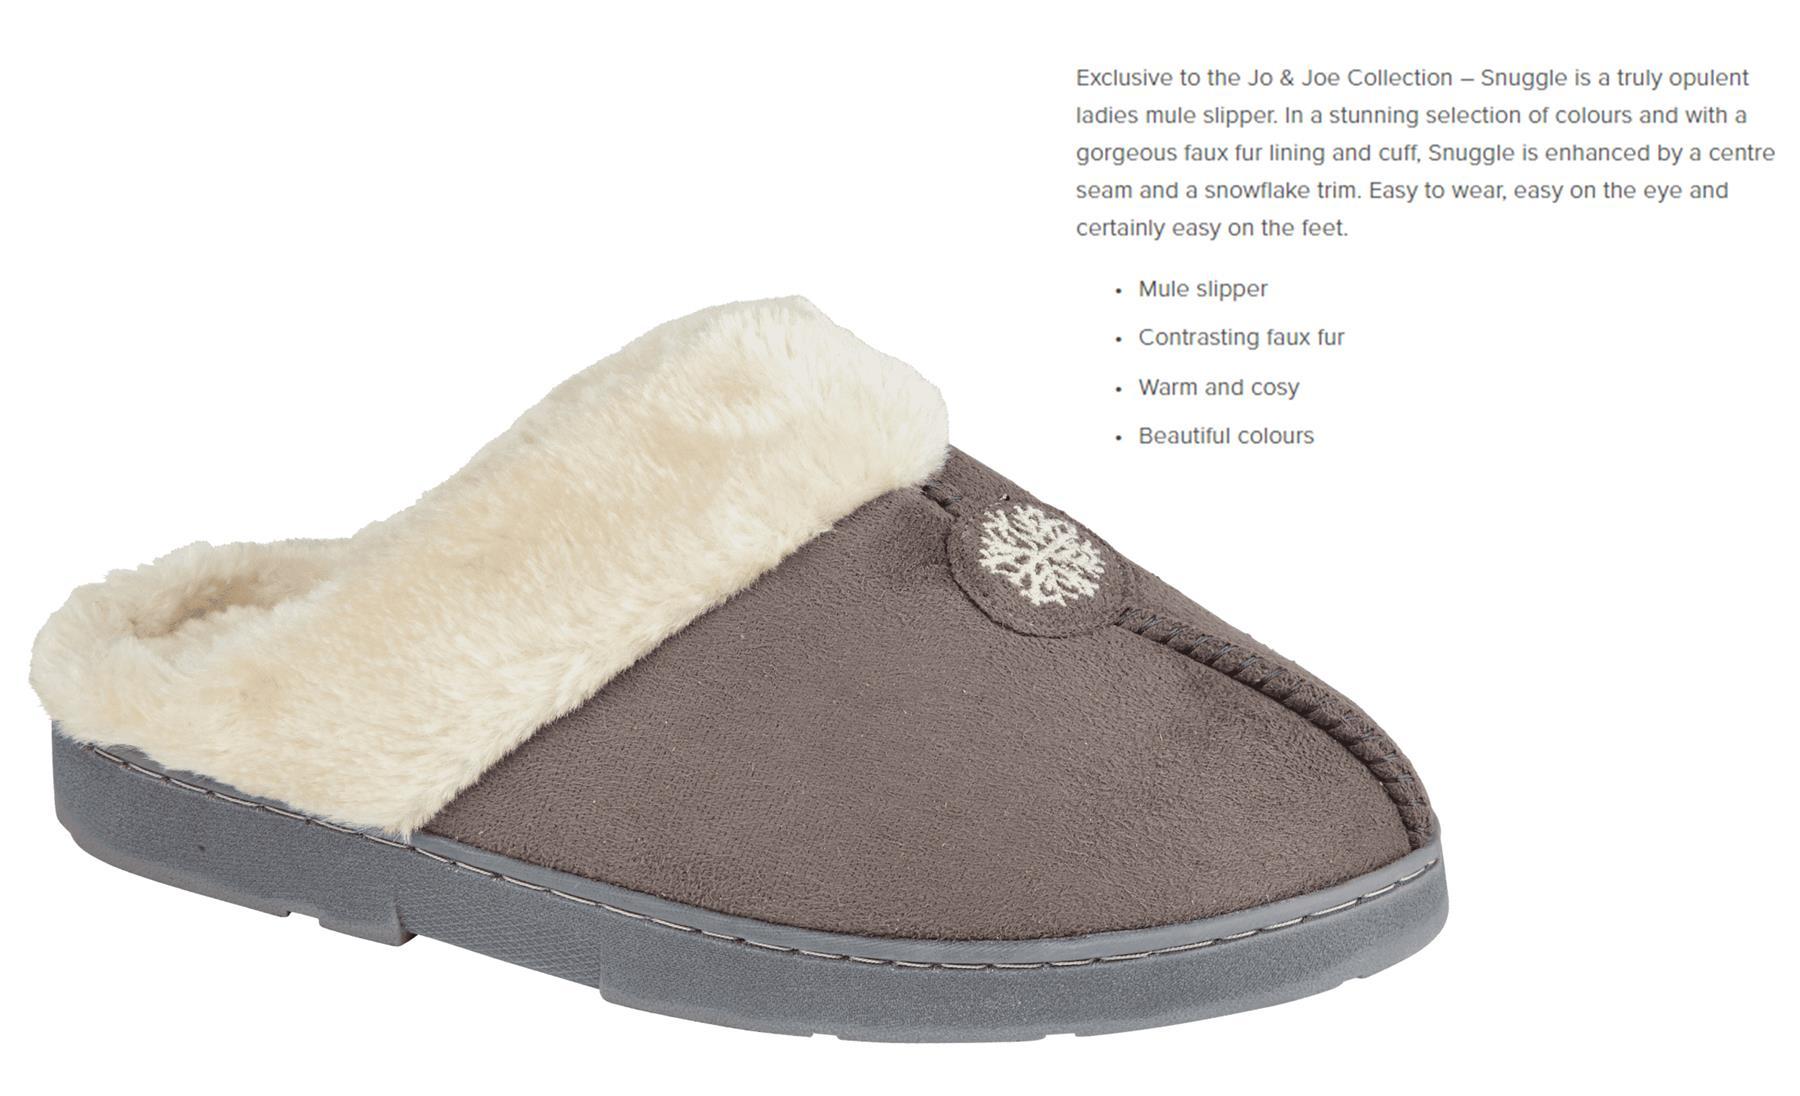 miniatuur 20 - Jo & Joe Womens Luxury Slippers Winter Warm Fur Slip On Flat Mule Bootie Girls